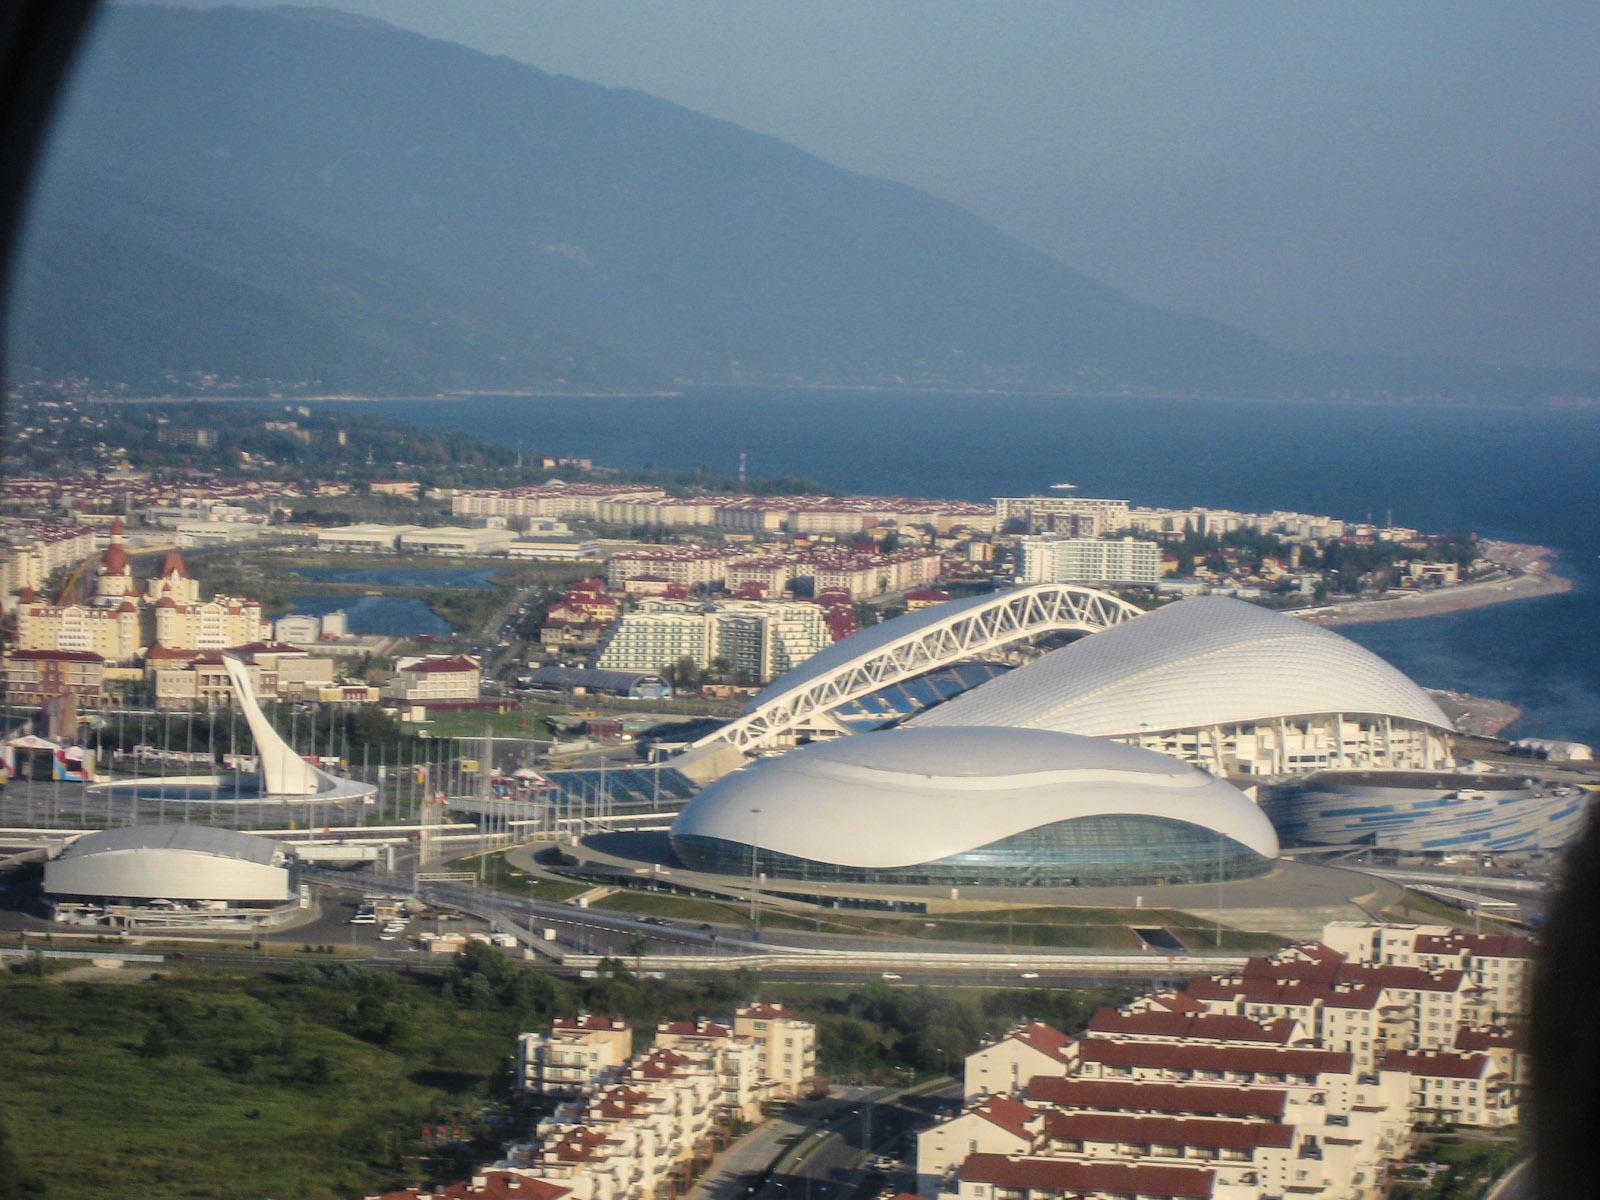 Вид на олимпийский парк Сочи перед посадкой в аэропорту